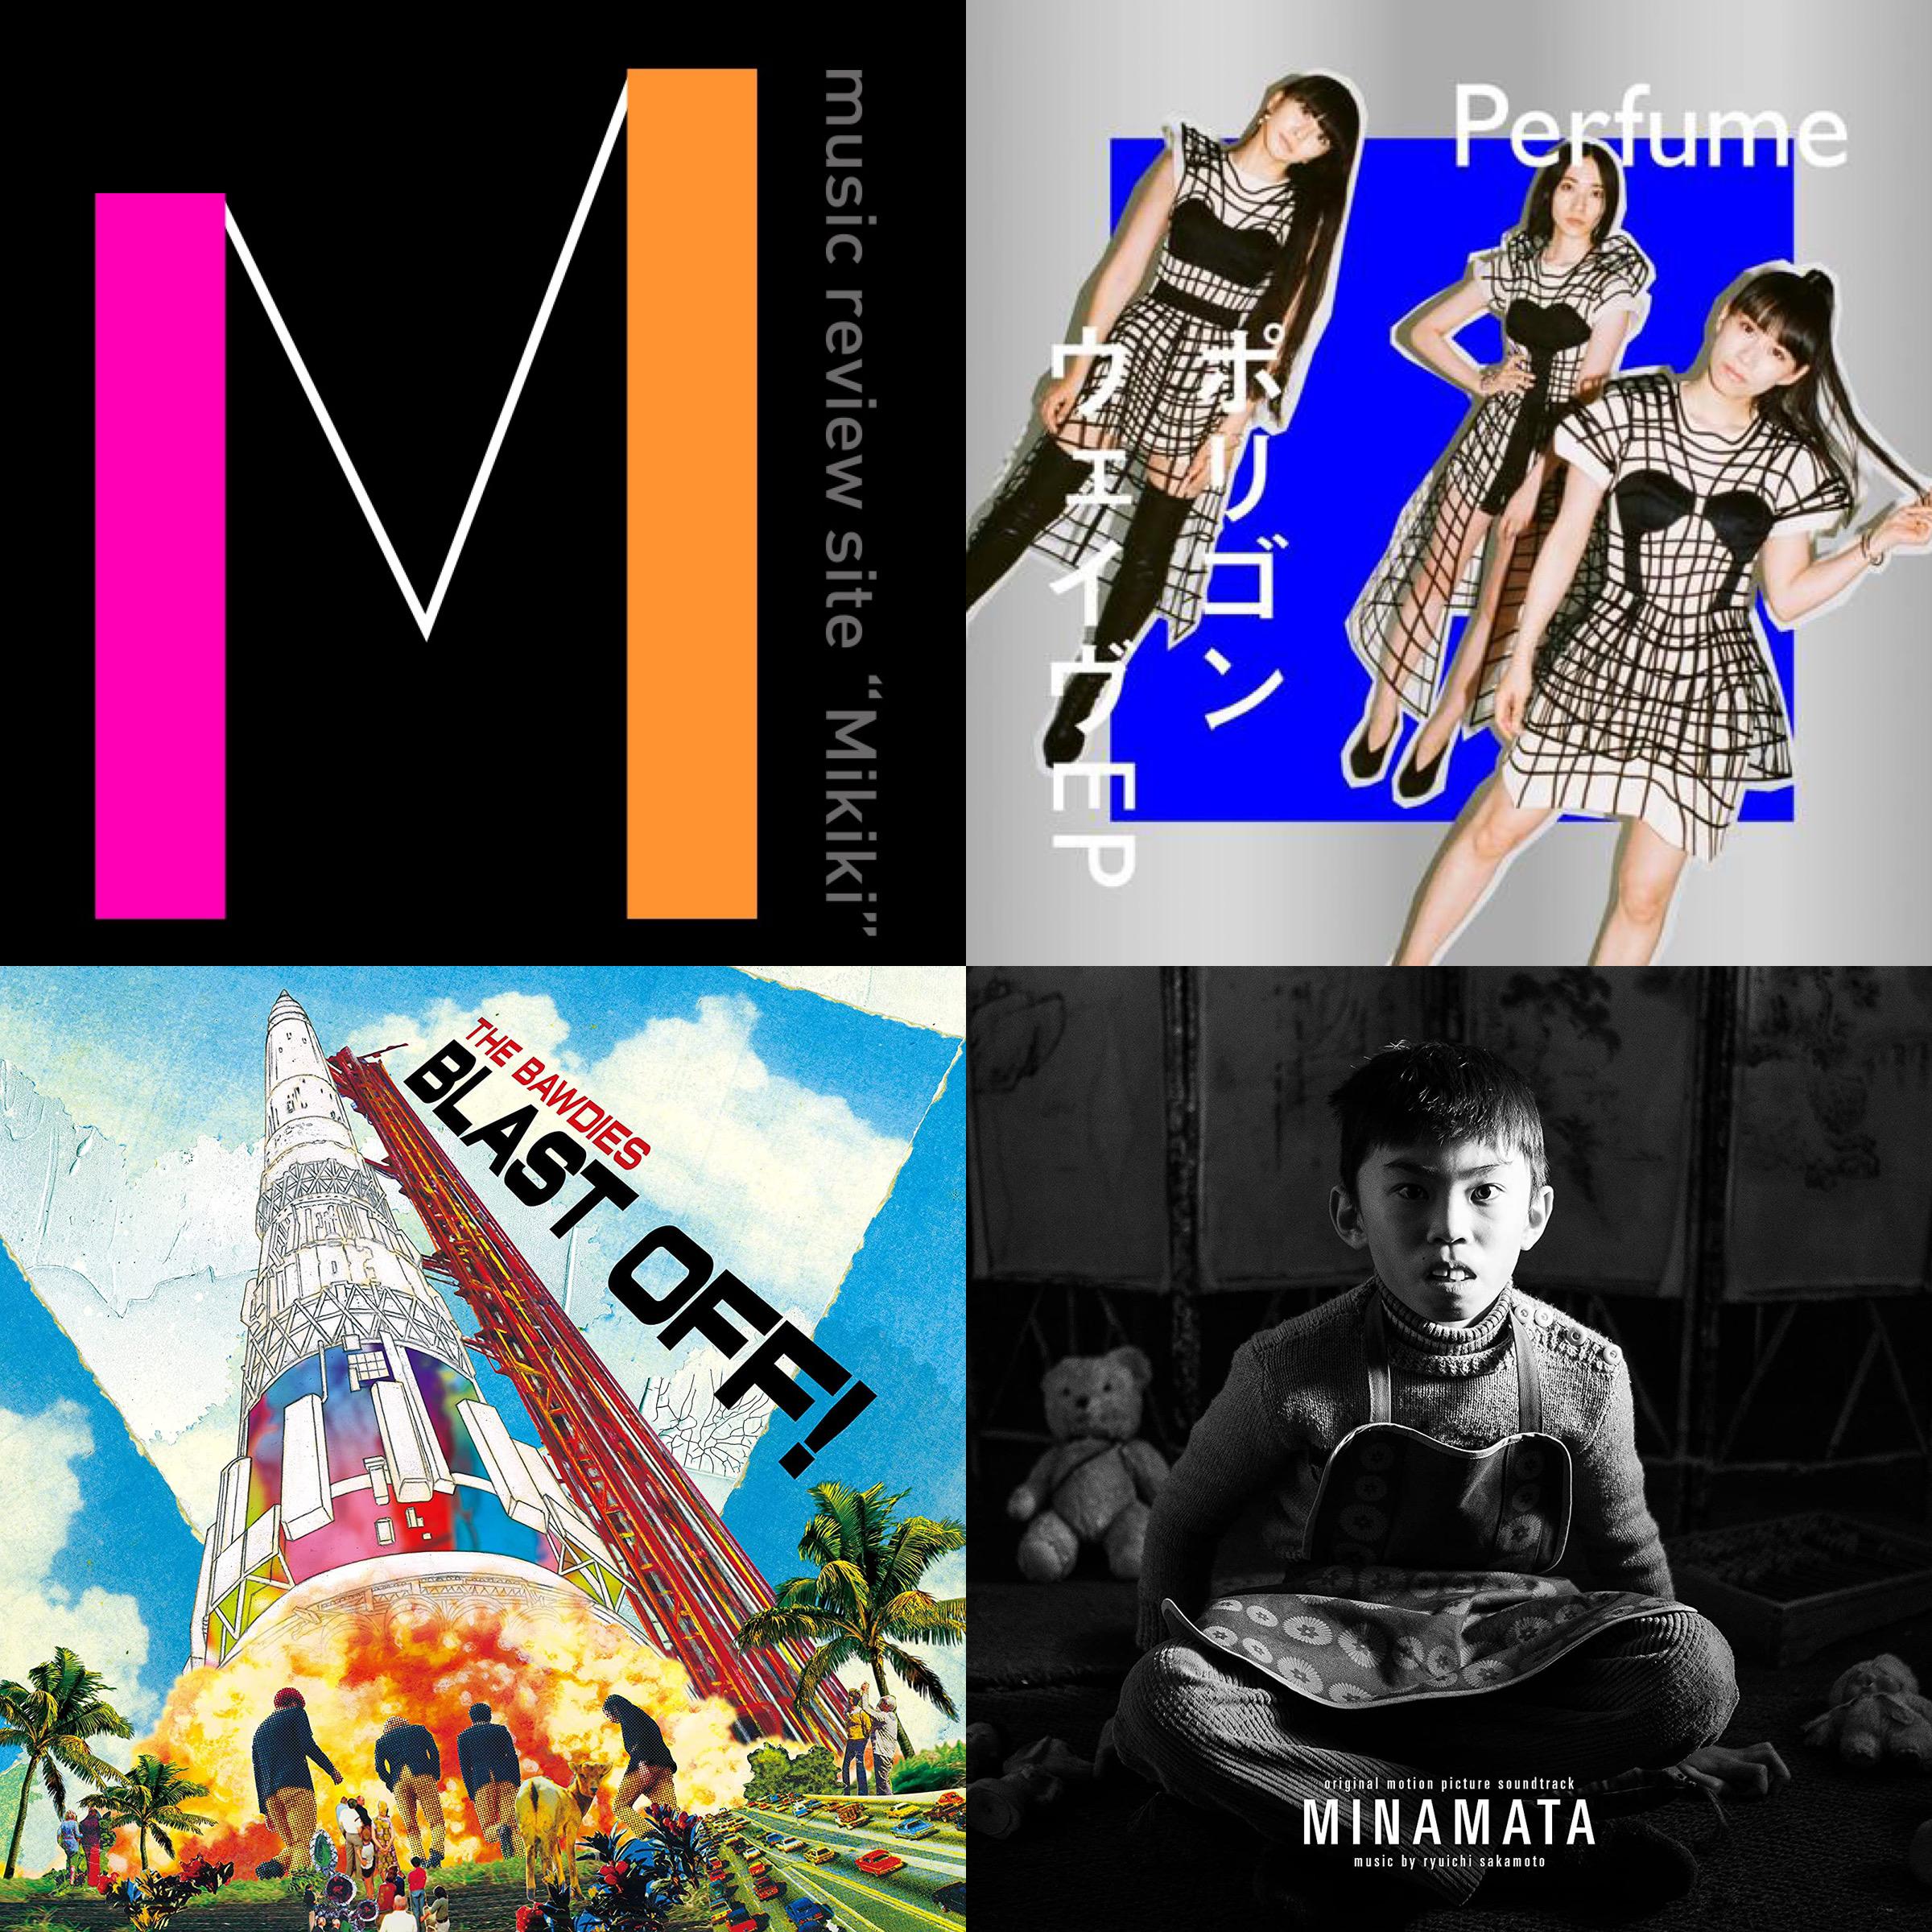 Perfume、THE BAWDIES、坂本龍一「MINAMATA-ミナマタ-」サントラなど今週リリースのMikiki推し邦楽アルバム/EP7選!